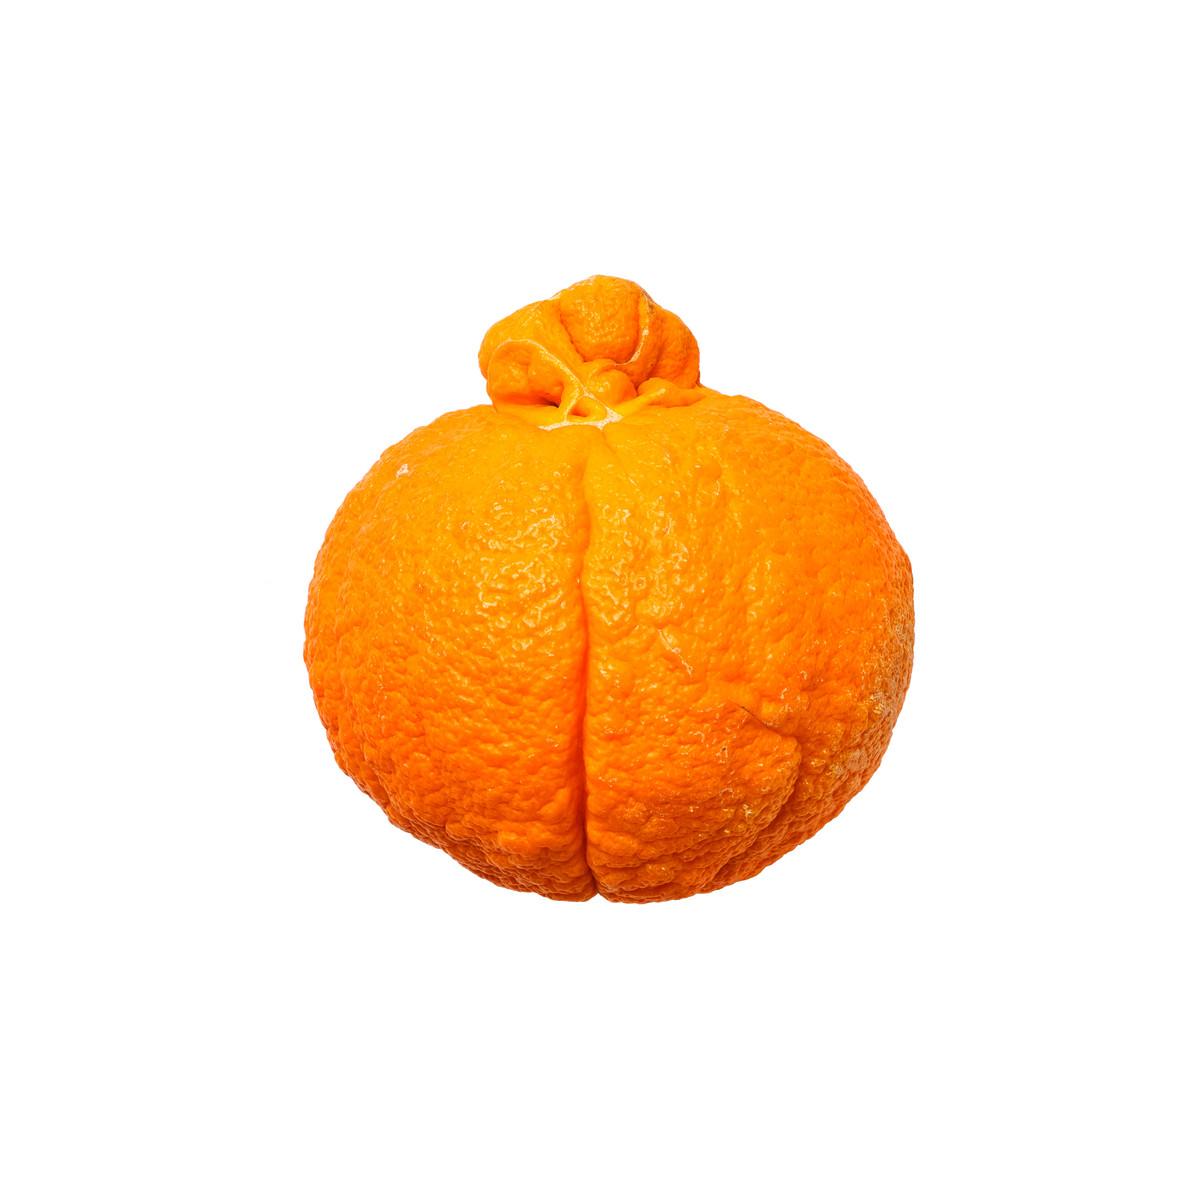 20200228_Gemüse:Obst_Freisteller_11.jpg